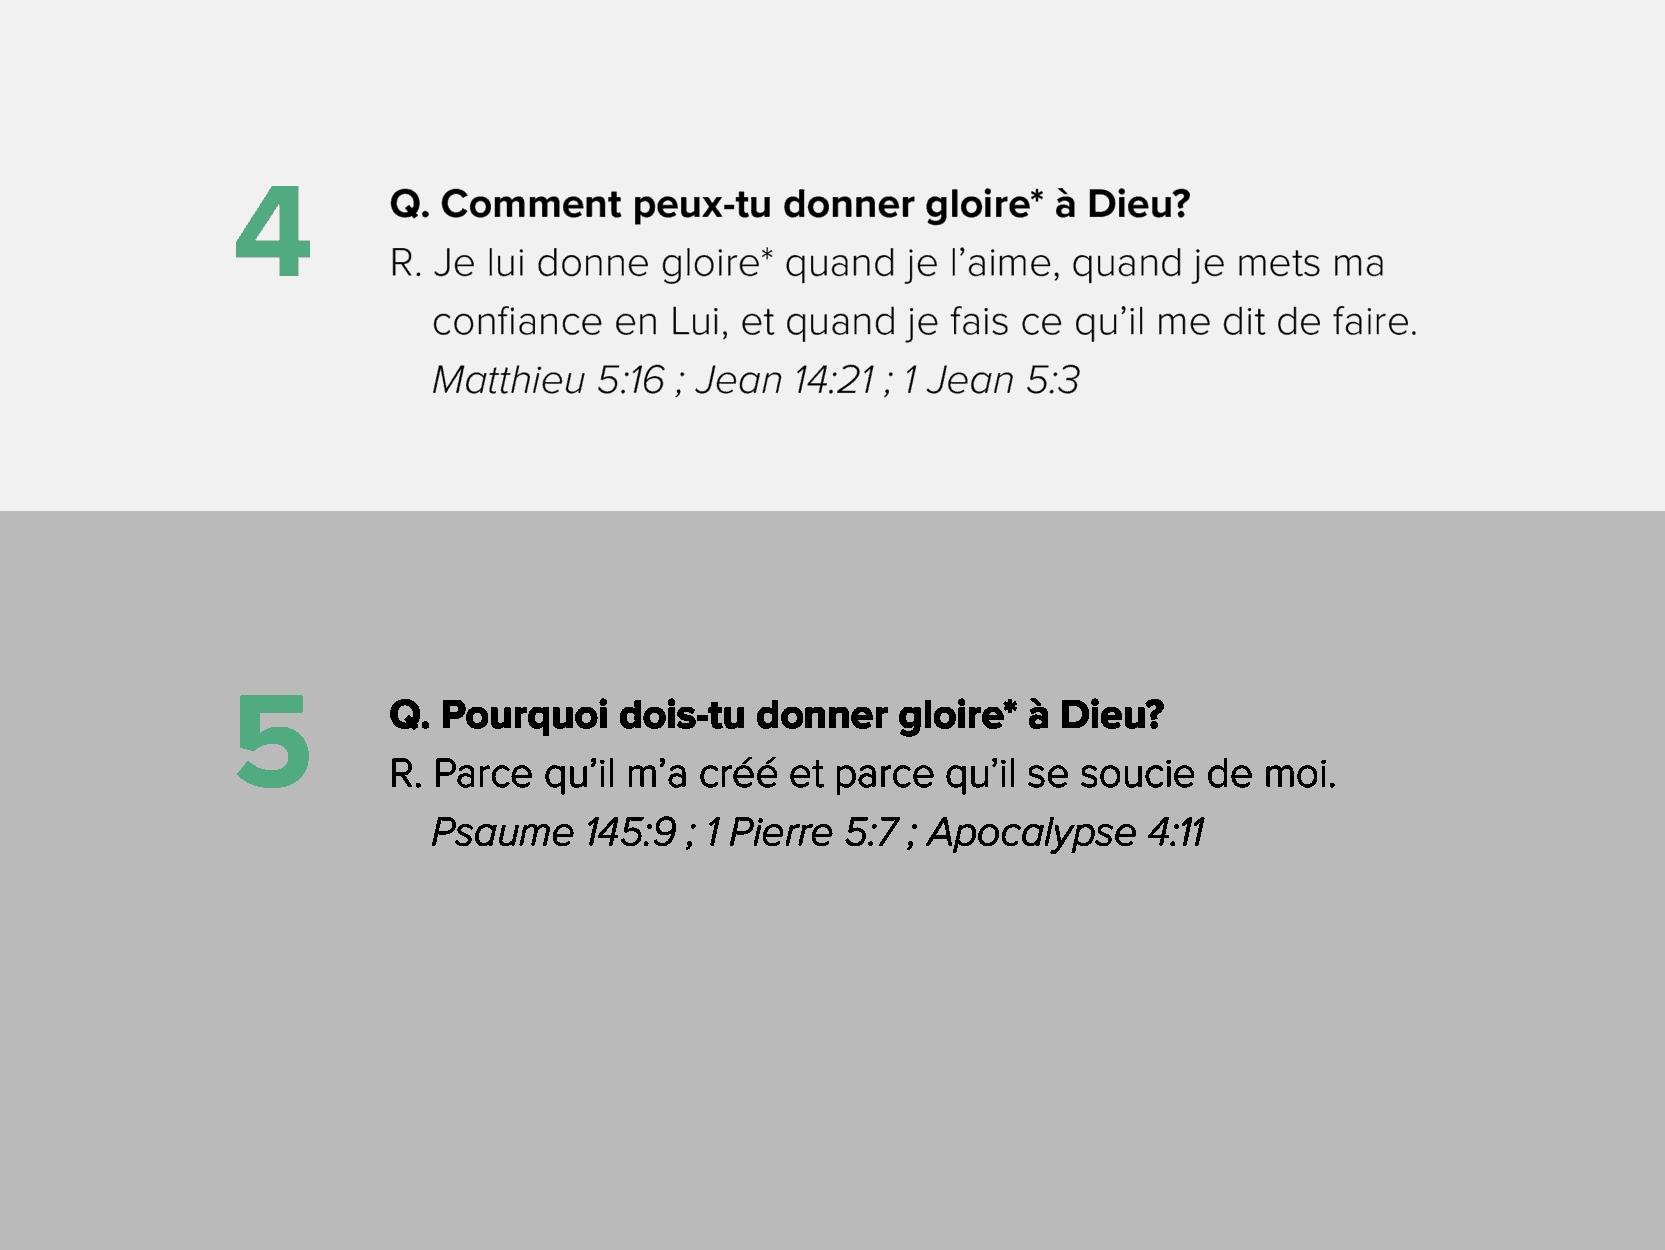 Q&A_4-5F